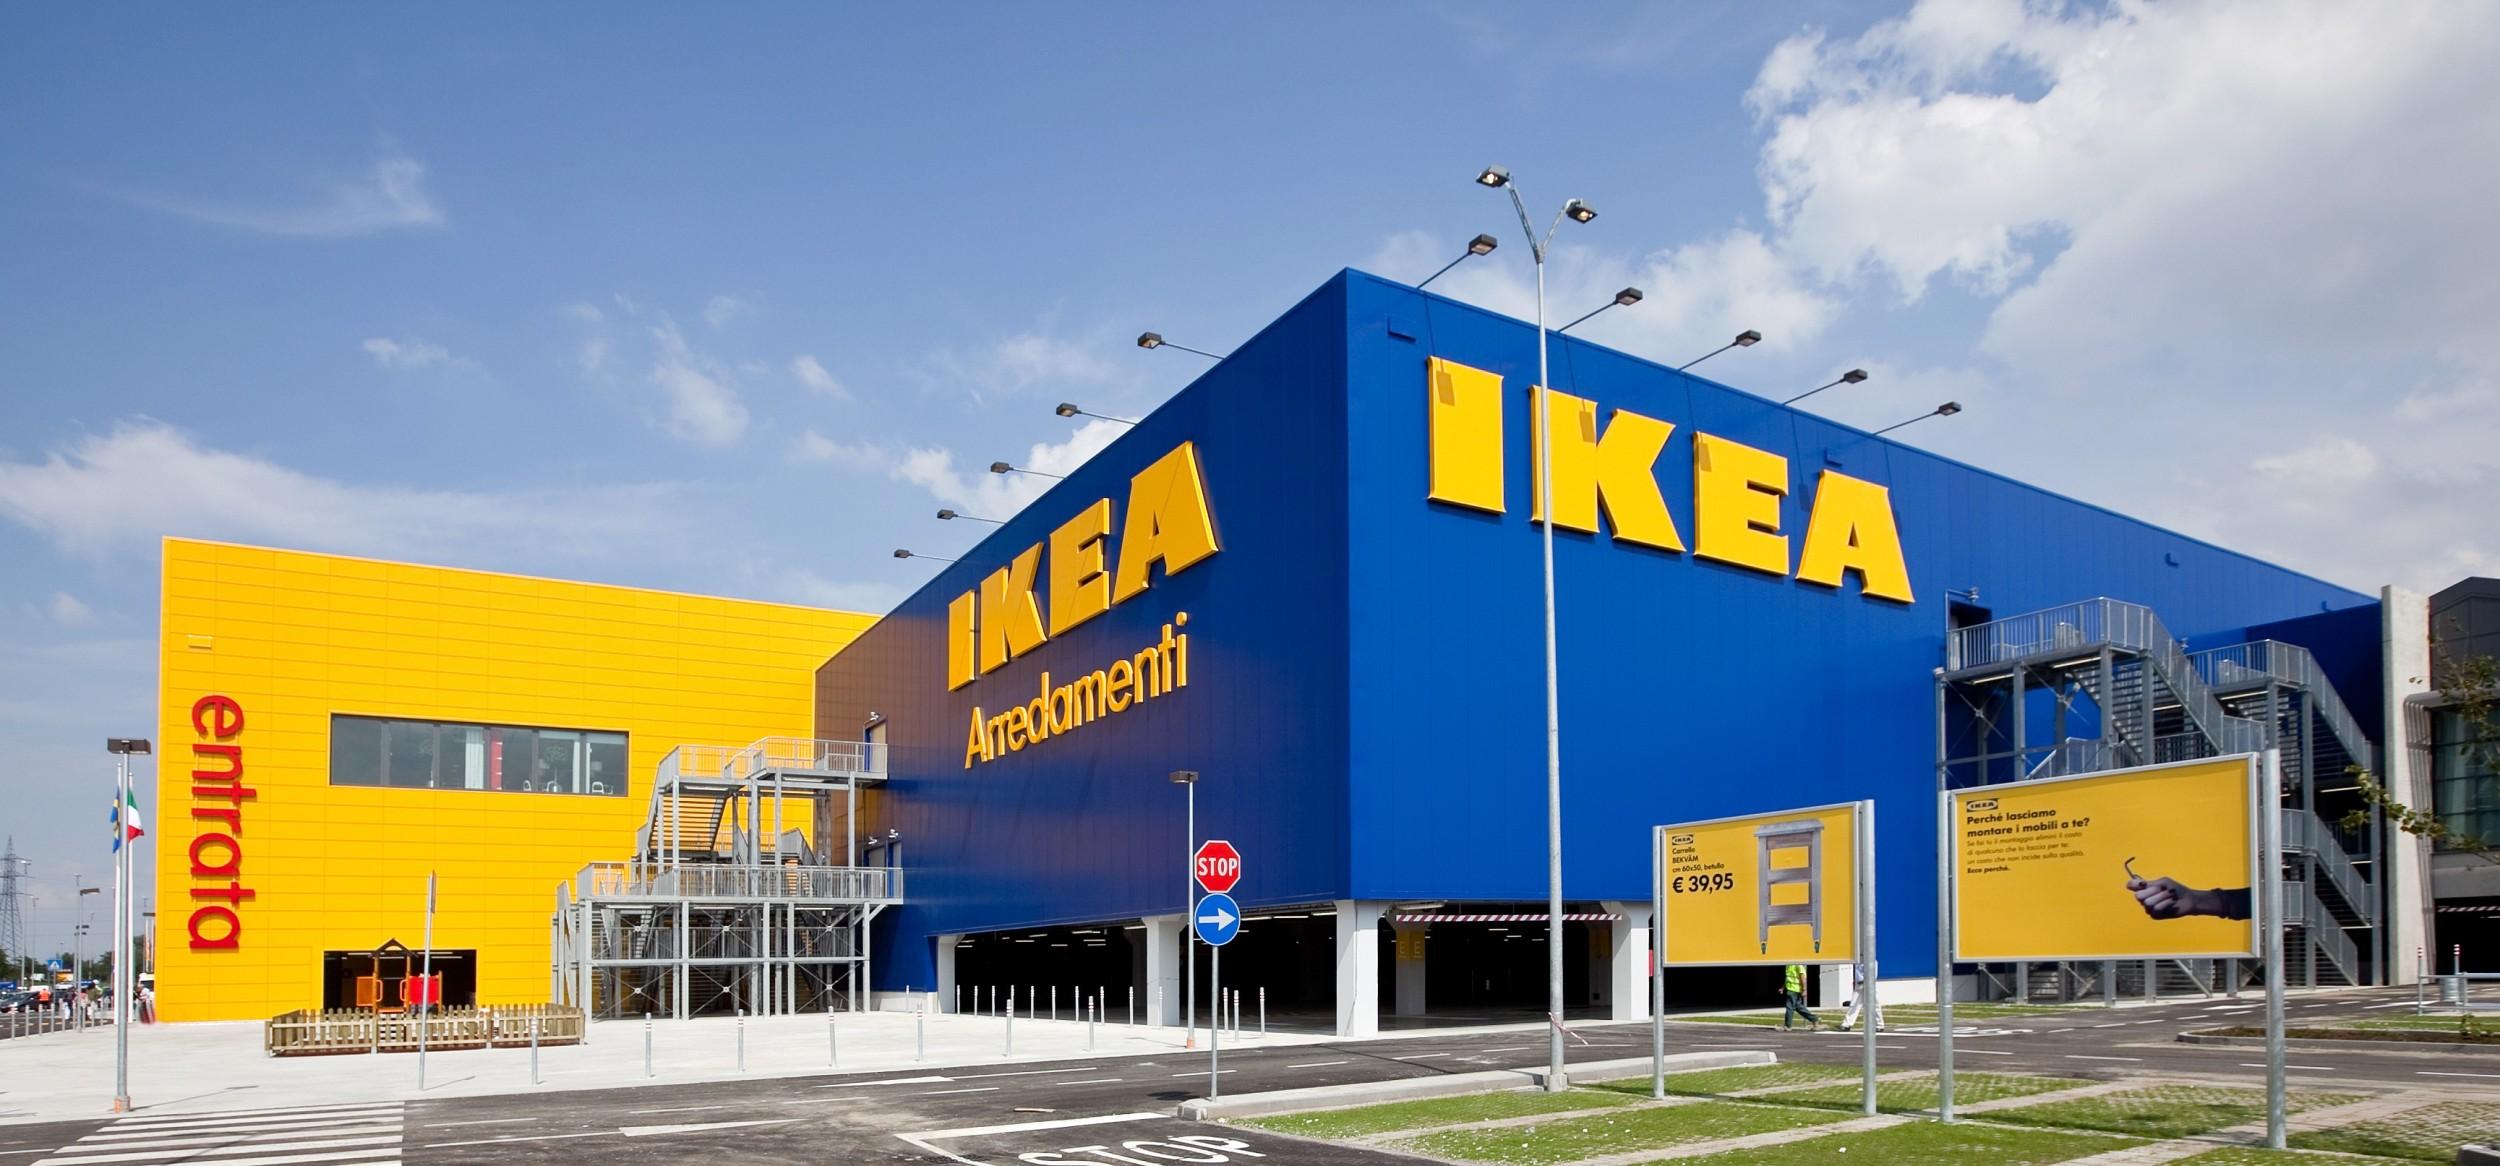 Ikea Catania Il 98 Dellenergia Consumata Nello Store Proviene Da